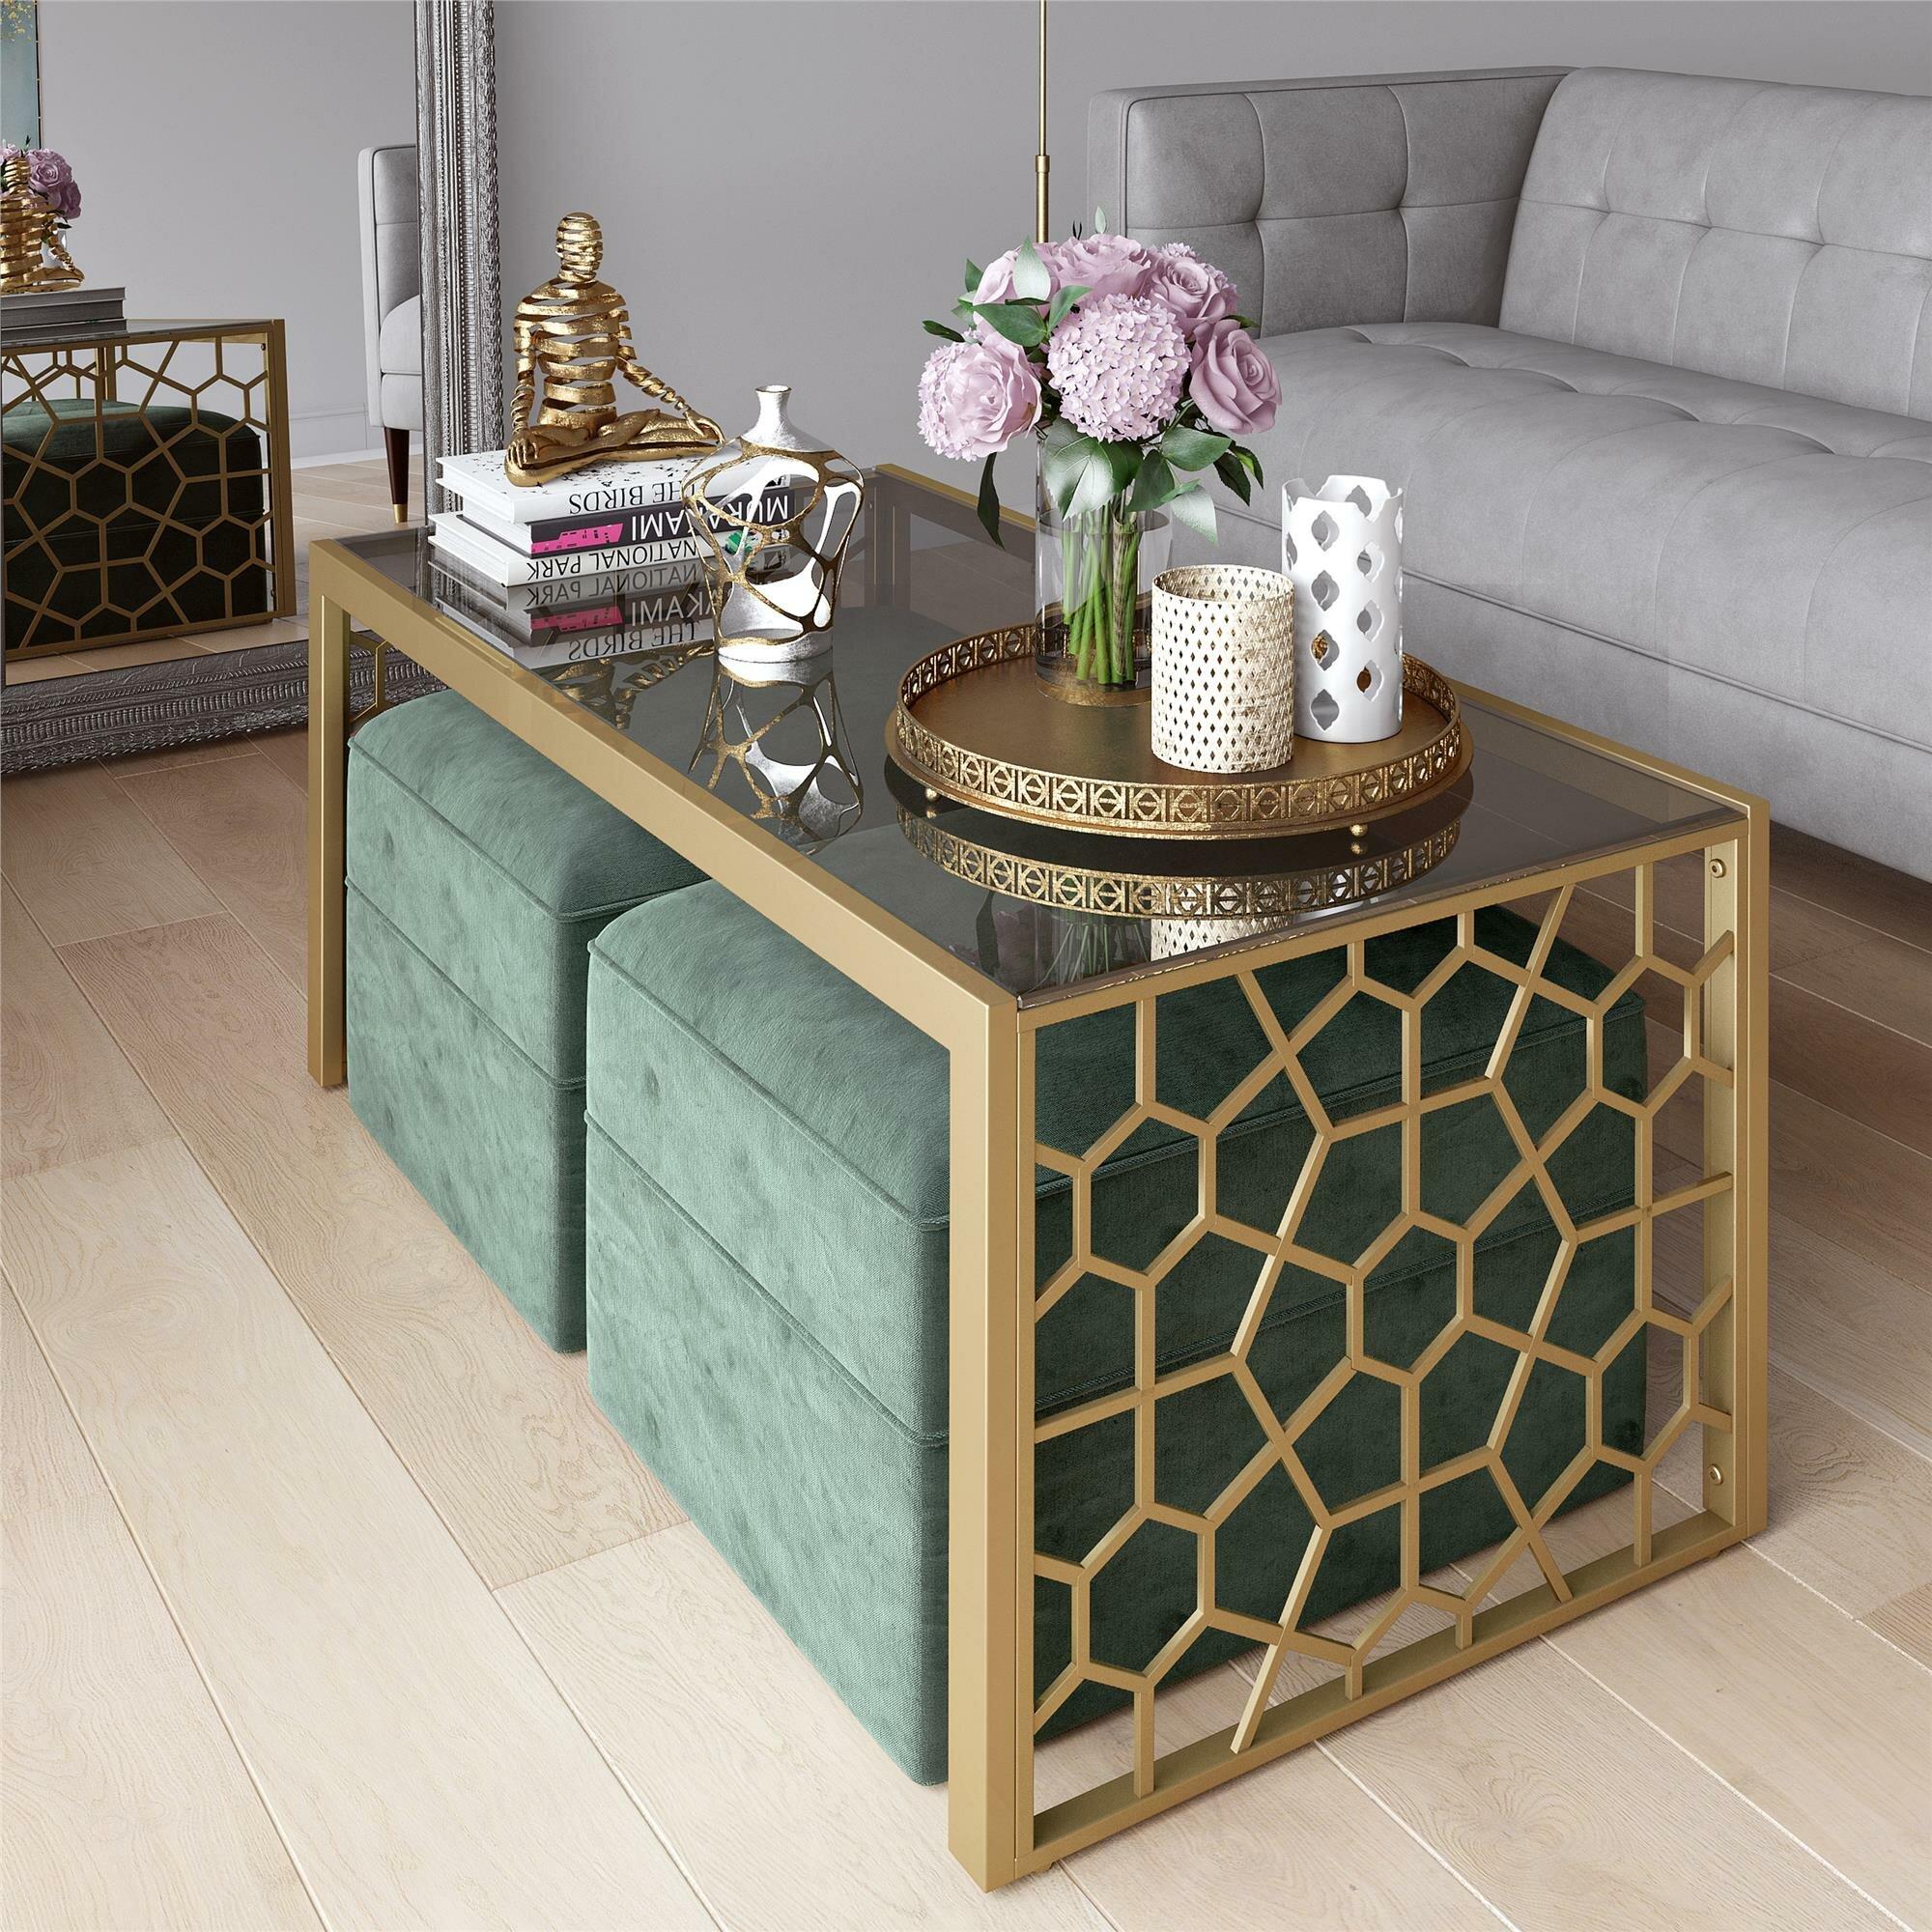 Cosmoliving By Cosmopolitan Juliette Glass Top Coffee Table Reviews Wayfair